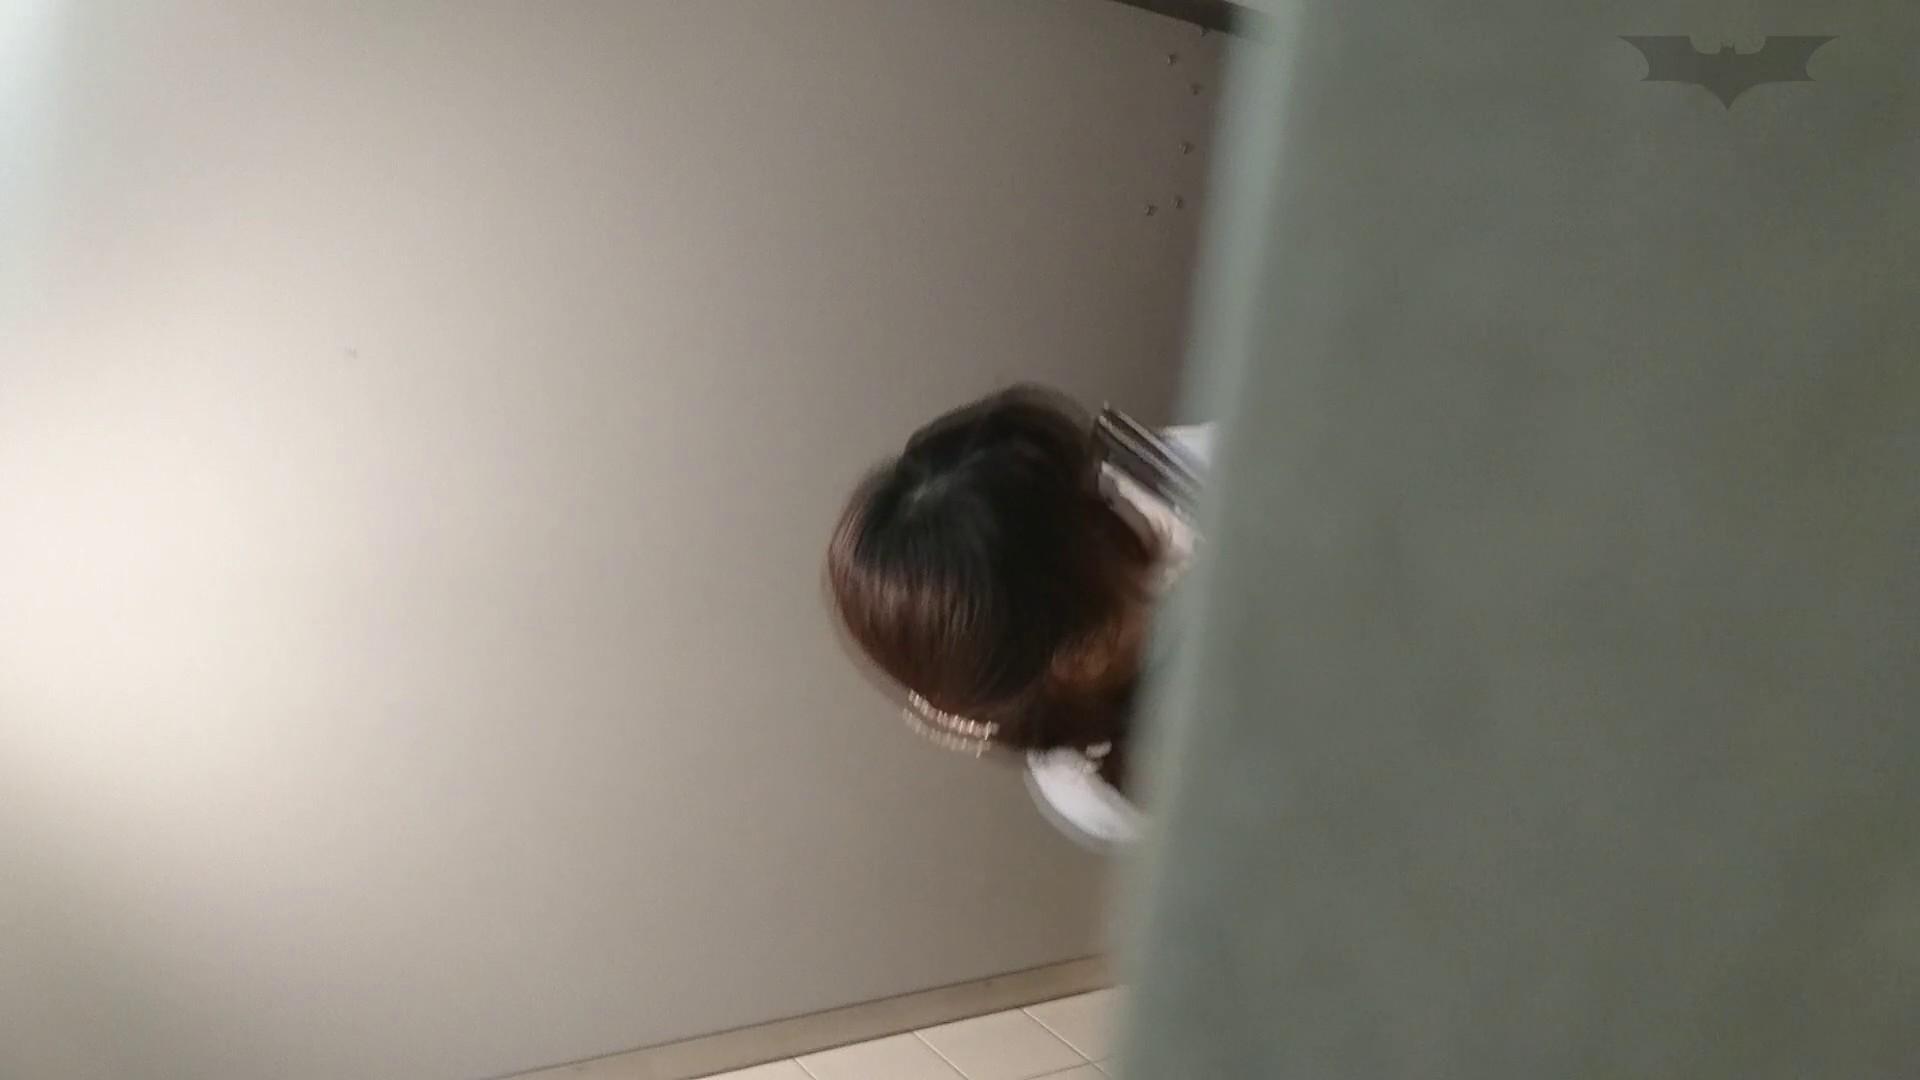 化粧室絵巻 ショッピングモール編 VOL.13 盛合せ  65PIX 52